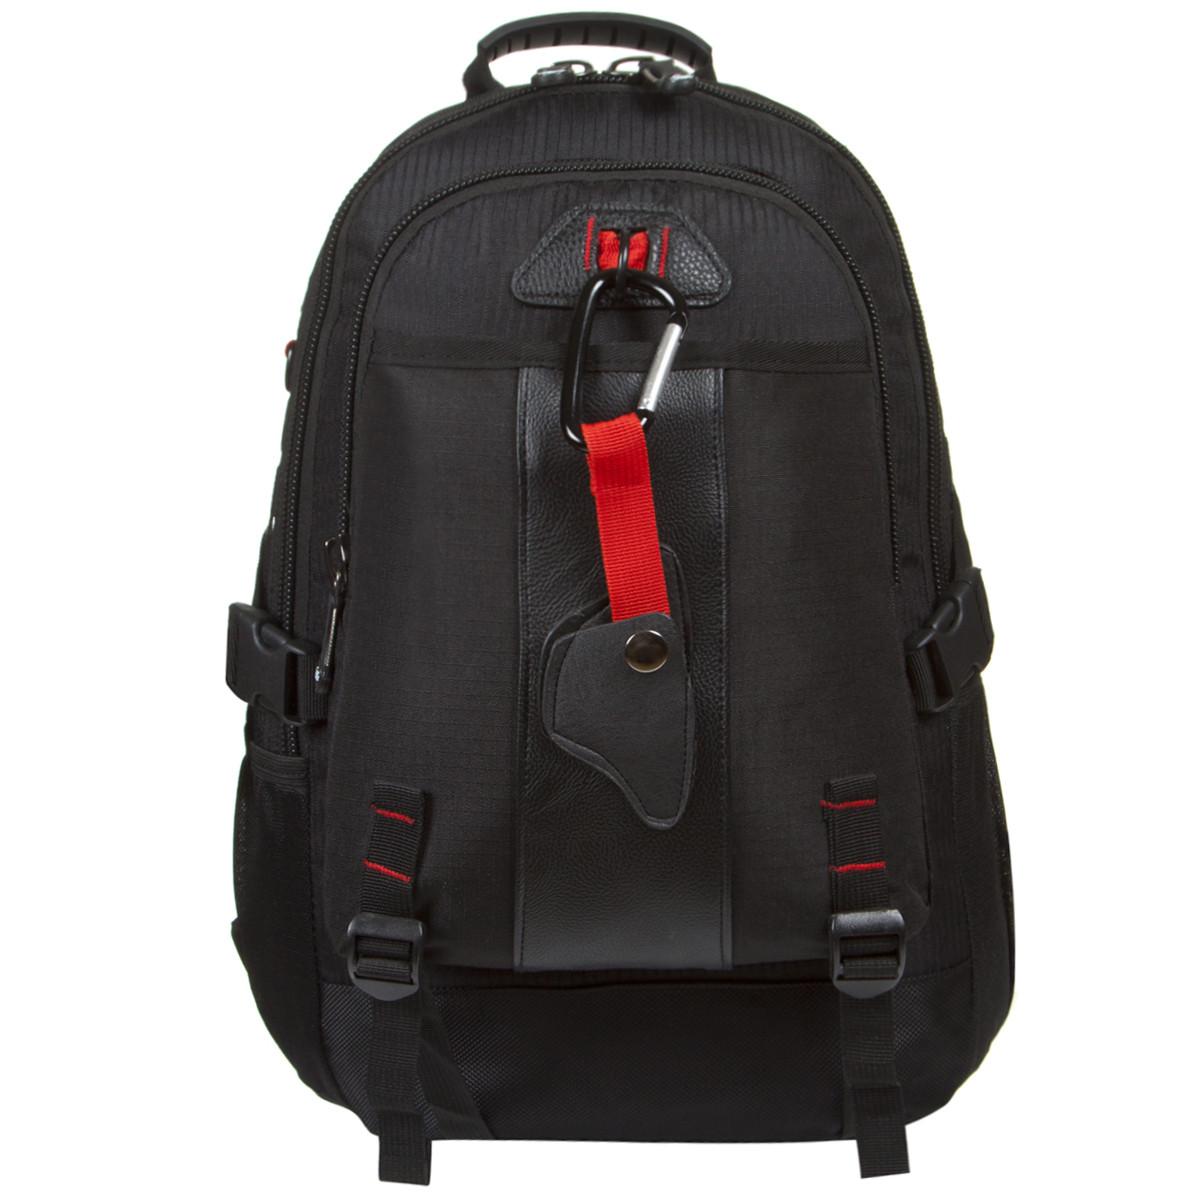 Рюкзак міський Star Dragon 39х28х16 тканина поліестер чорного кольору ксА681ч